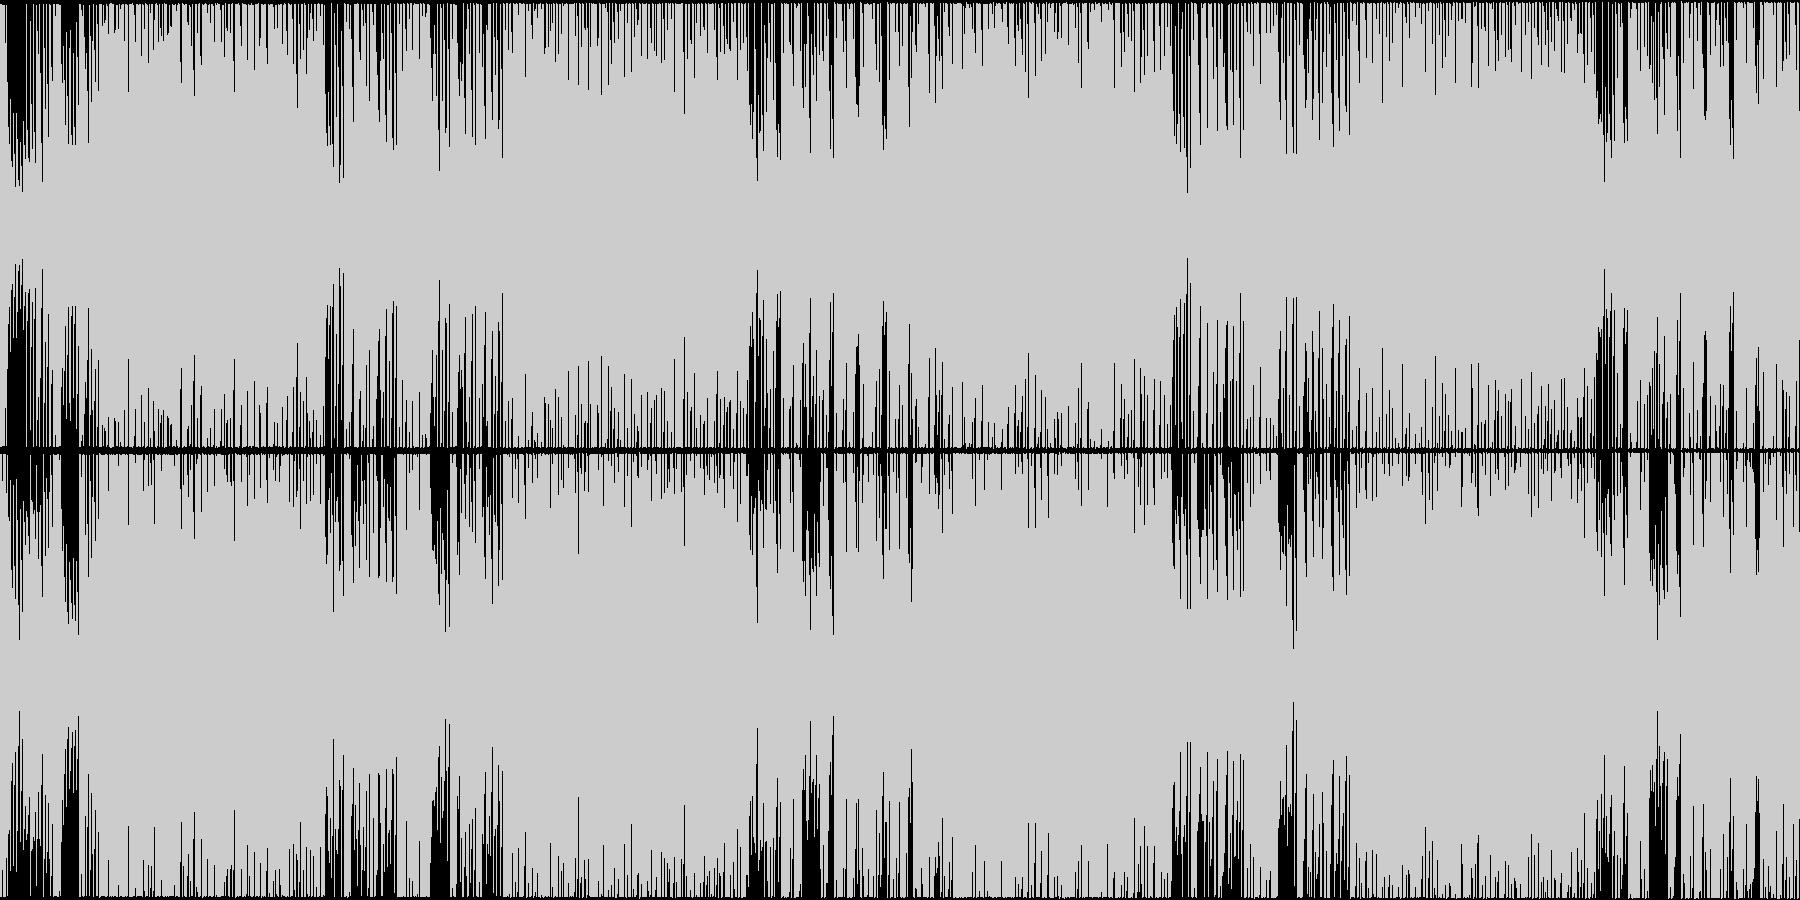 情熱的な三味線主体の和風インストループの未再生の波形